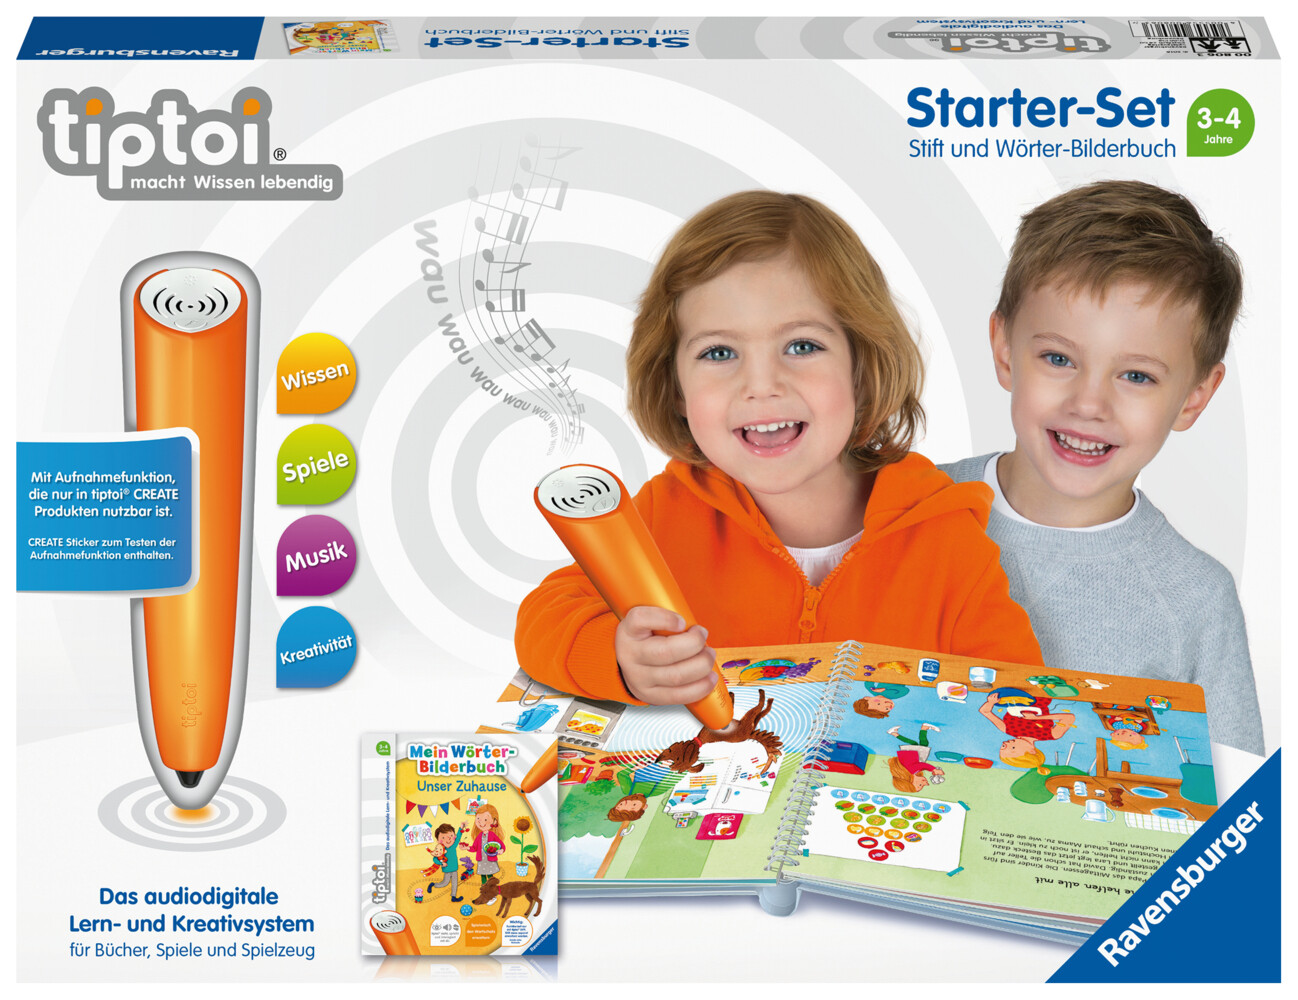 tiptoi® Starter-Set Mein Wörter-Bilderbuch Unser Zuhause als sonstige Artikel